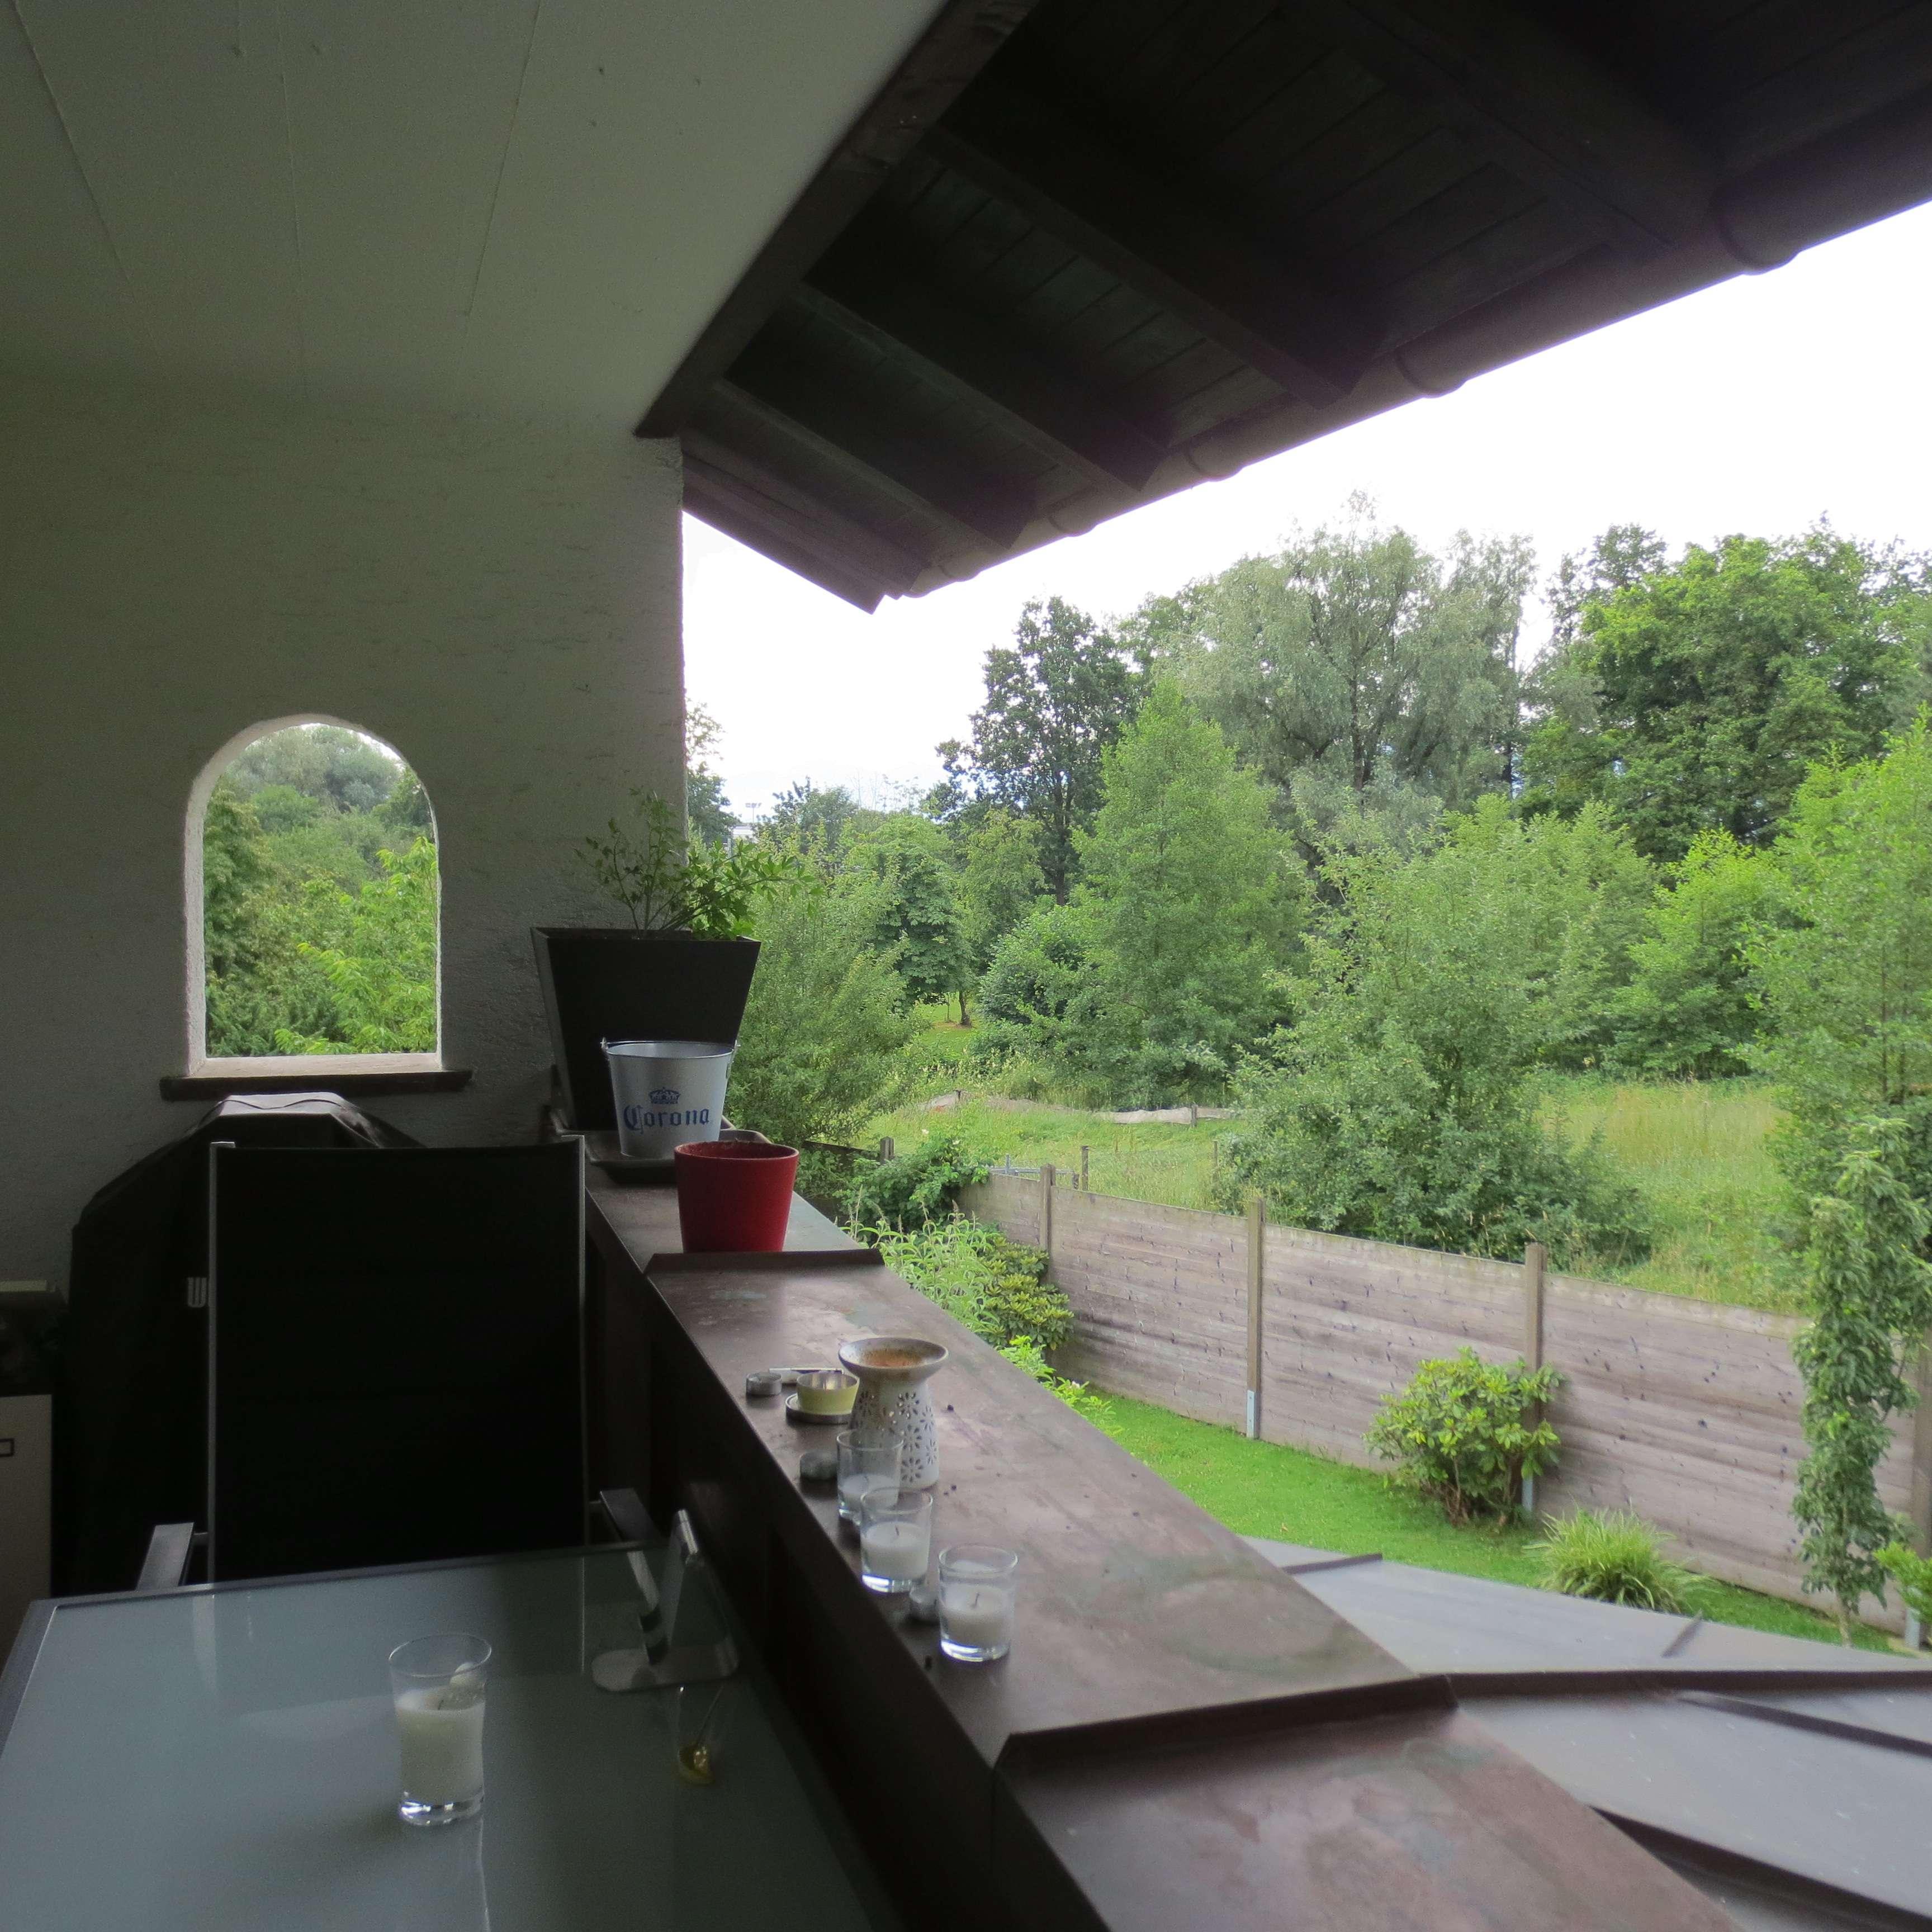 Geräum. naturnahe Etagen-Wohnung-2 Balkone-Einbauküche-Carport-für Single/Paar. Hund ist willkommen. in Westerndorf St. Peter (Rosenheim)